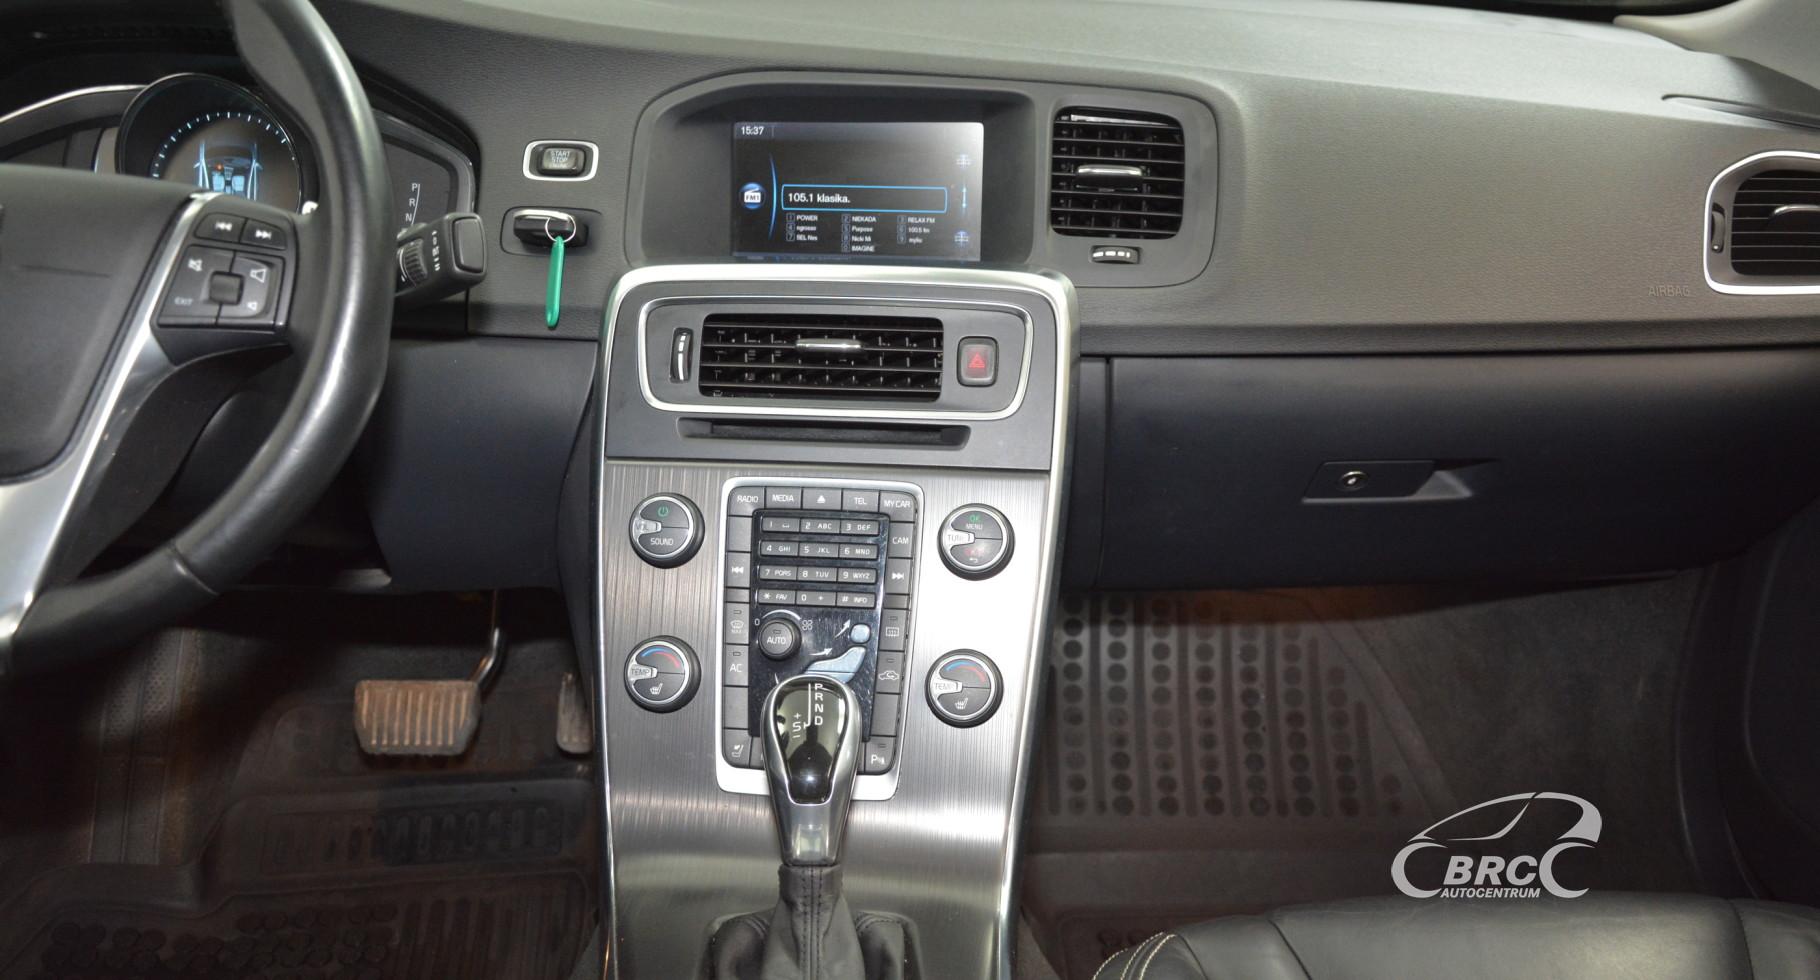 Volvo S60 2.5 T5 AWD Automatas